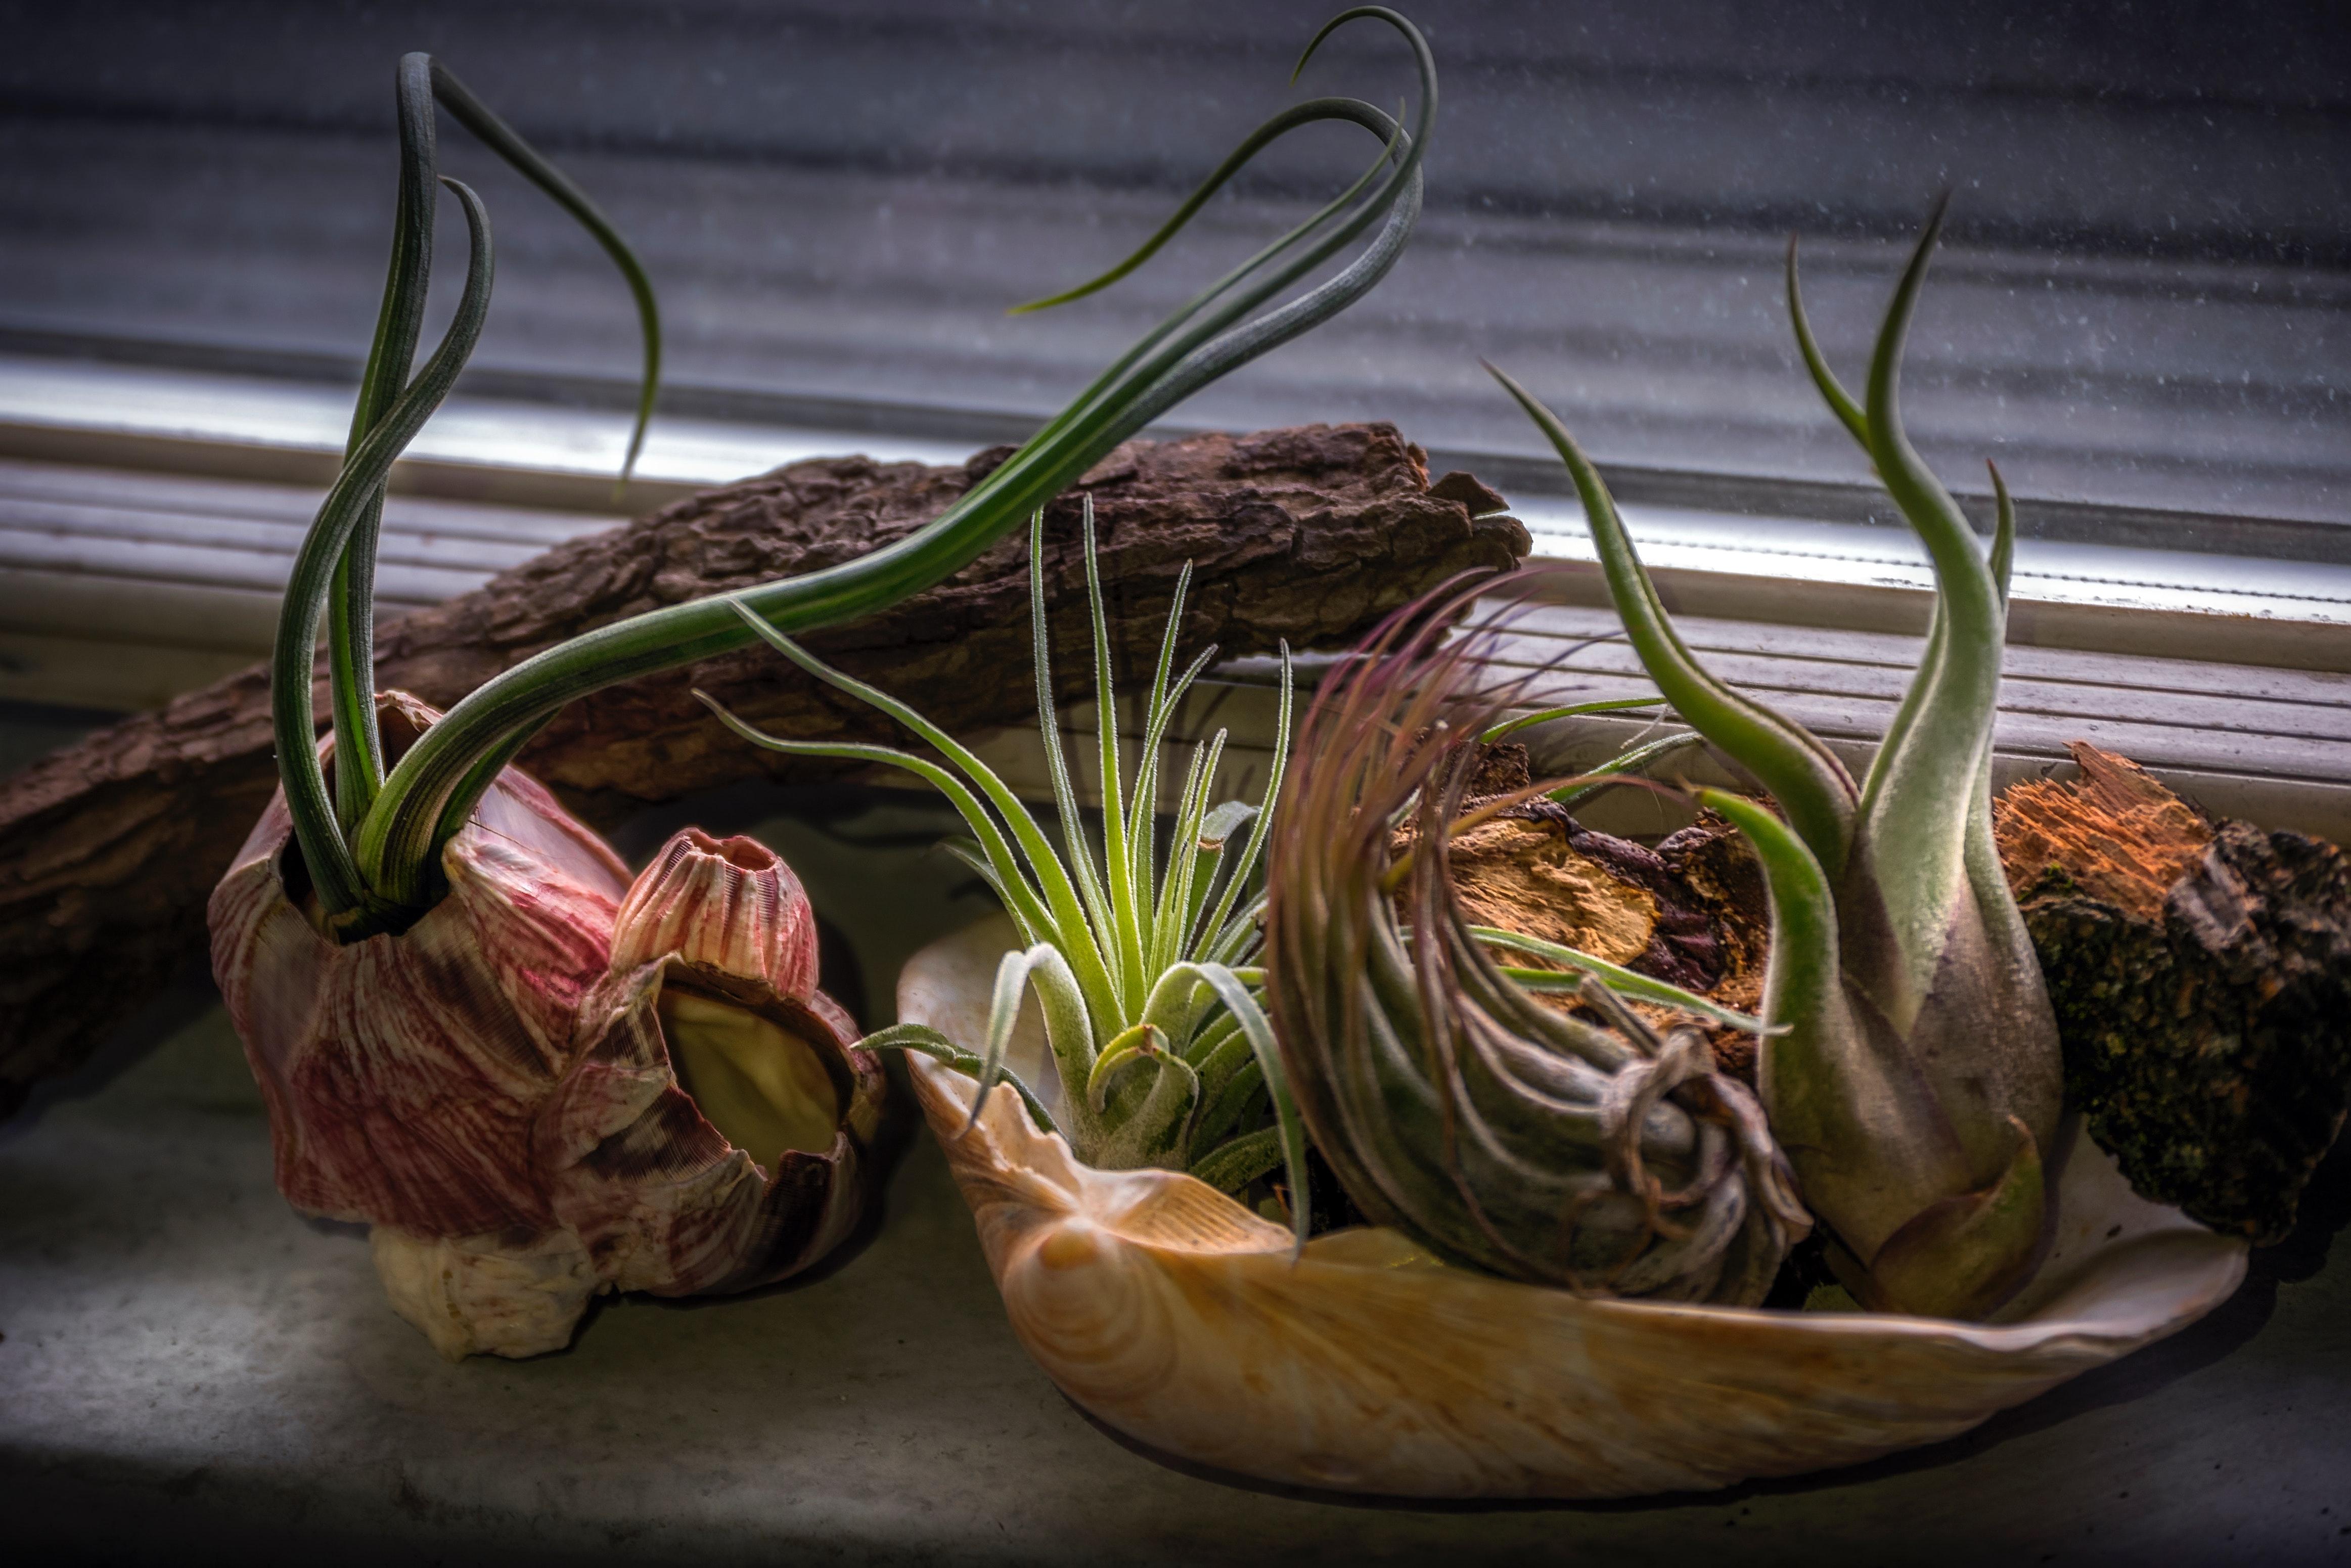 Potted Succulent Plants, Close-up, Colors, Decoration, Driftwood, HQ Photo